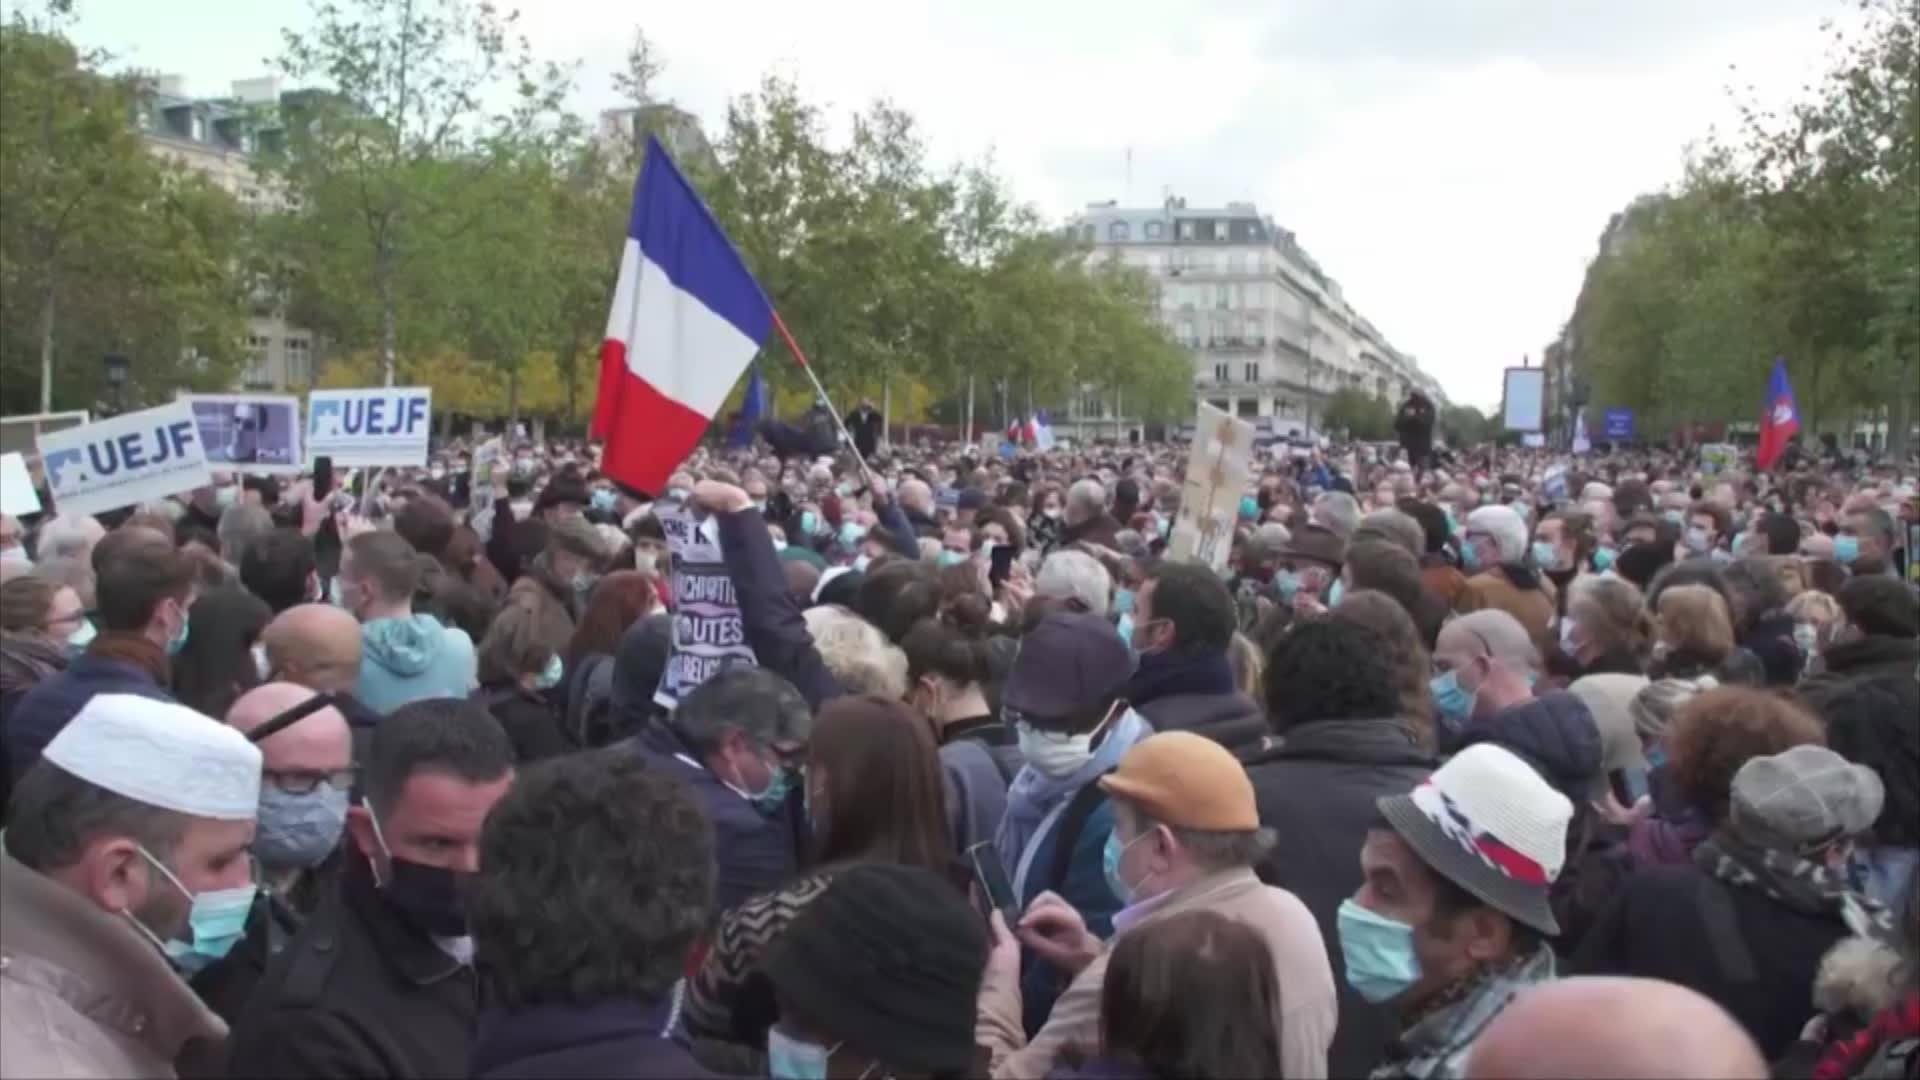 عنف وفوضى.. هكذا احتجت فرنسا على جريمة ومقتل المعلم في باريس